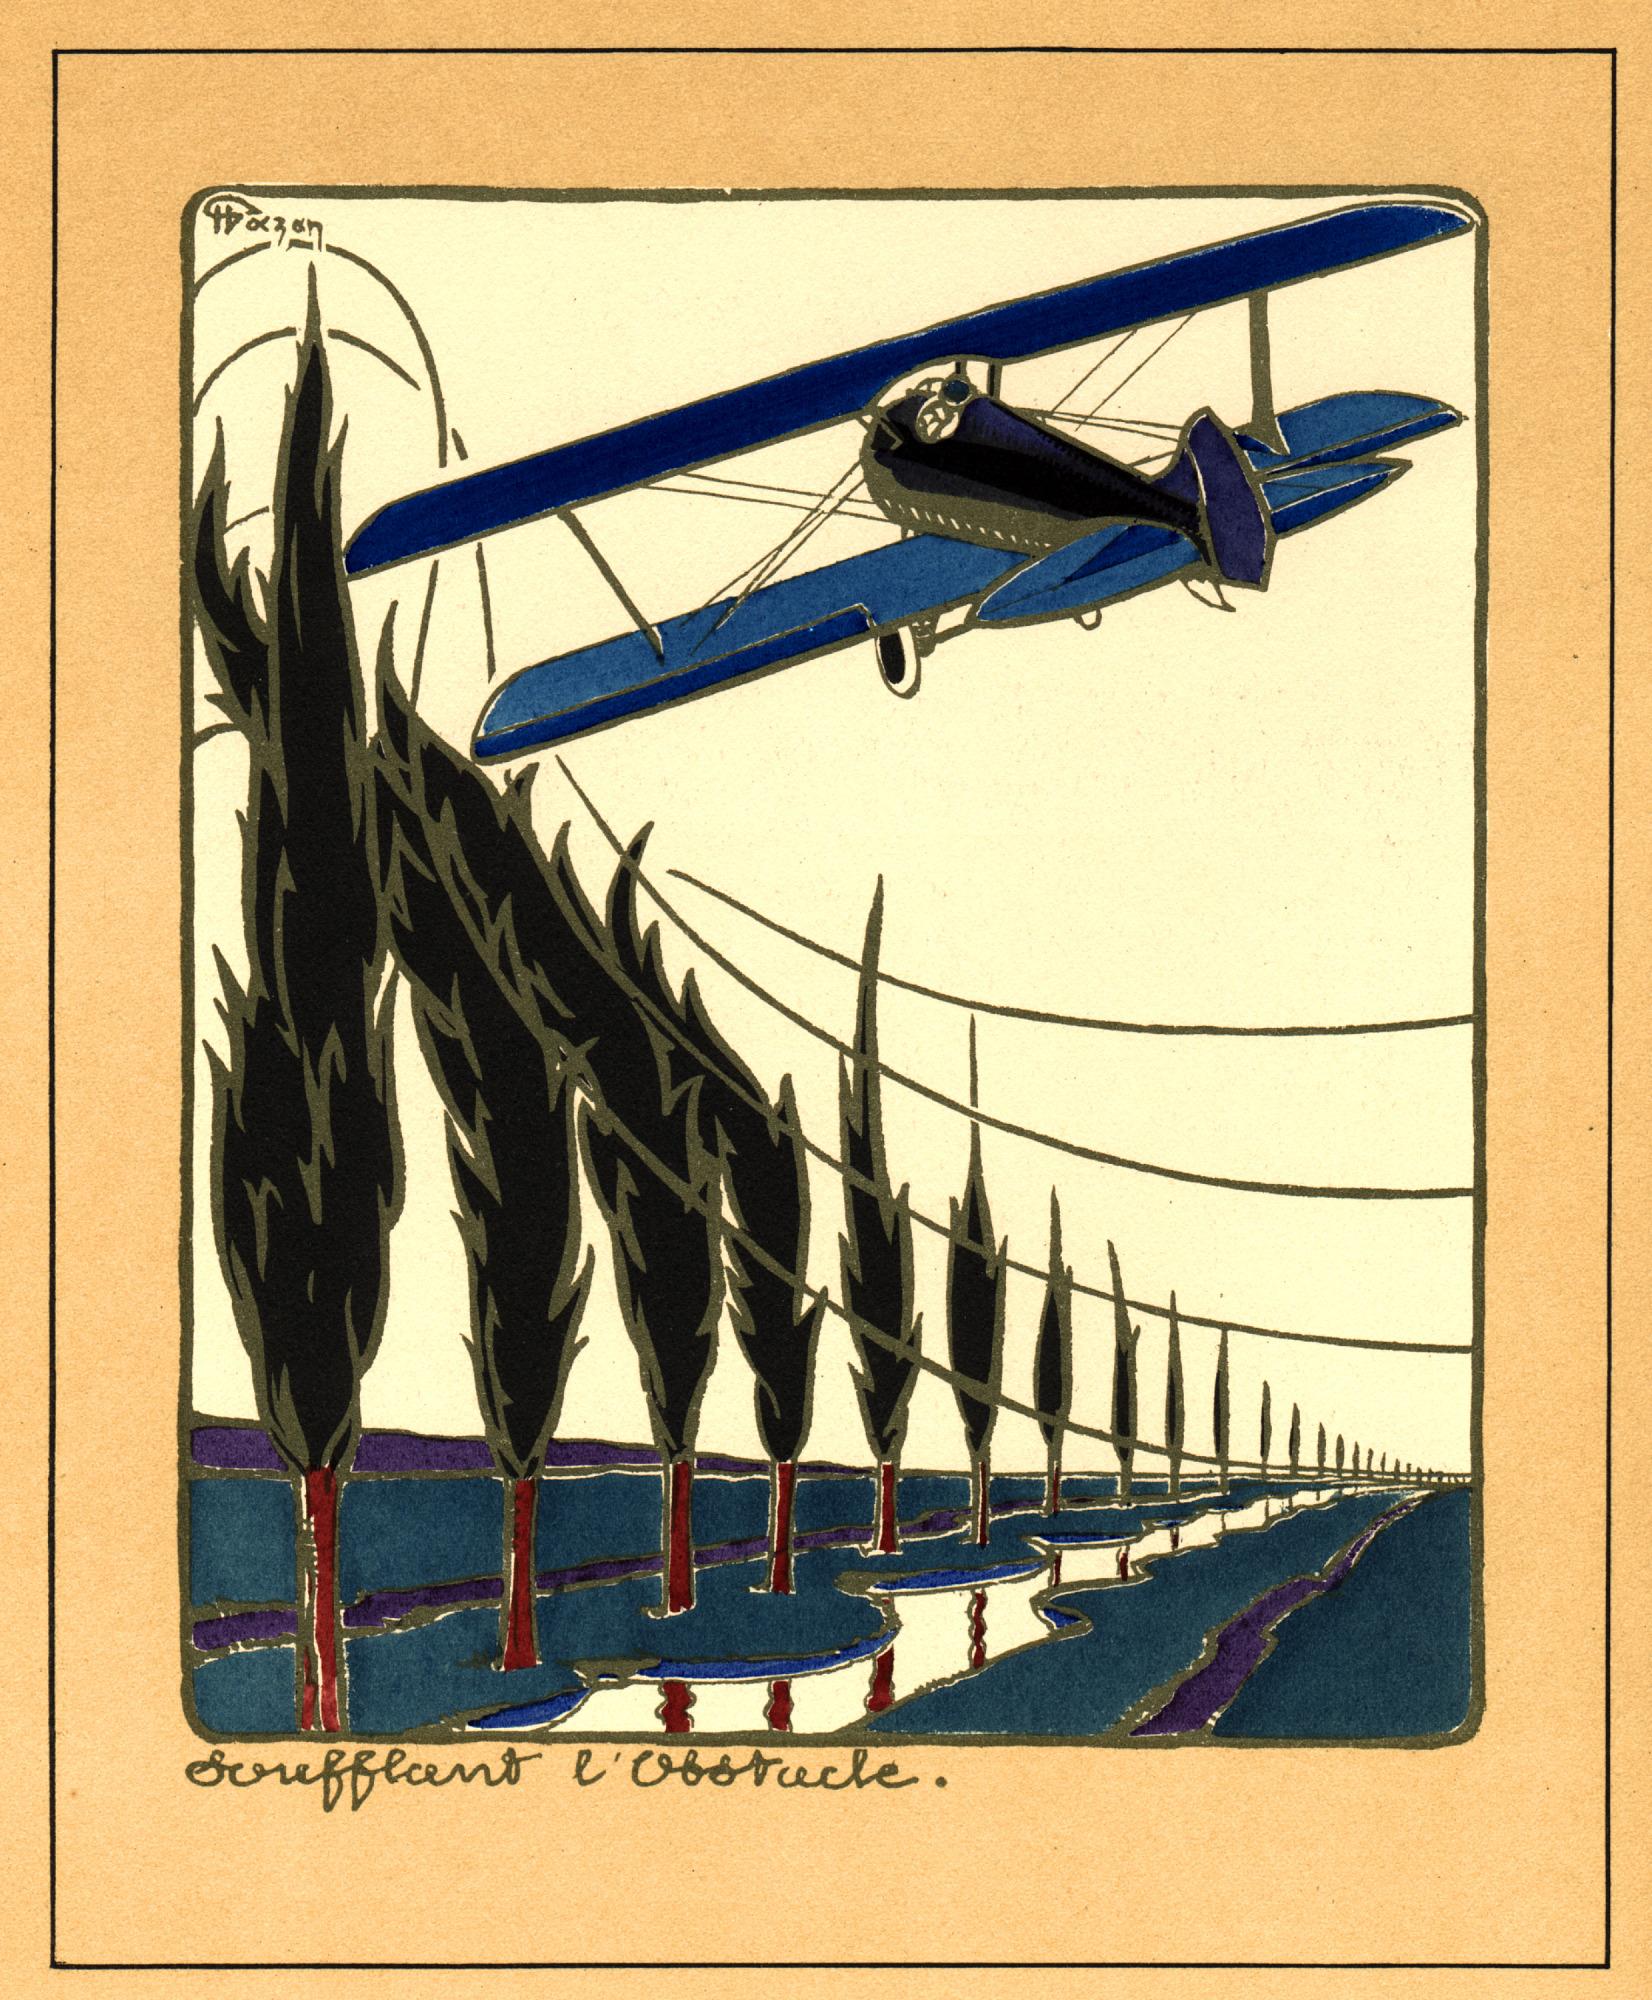 Les Appareils SPAD Construits par Blériot Aéronautique Sales Brochure